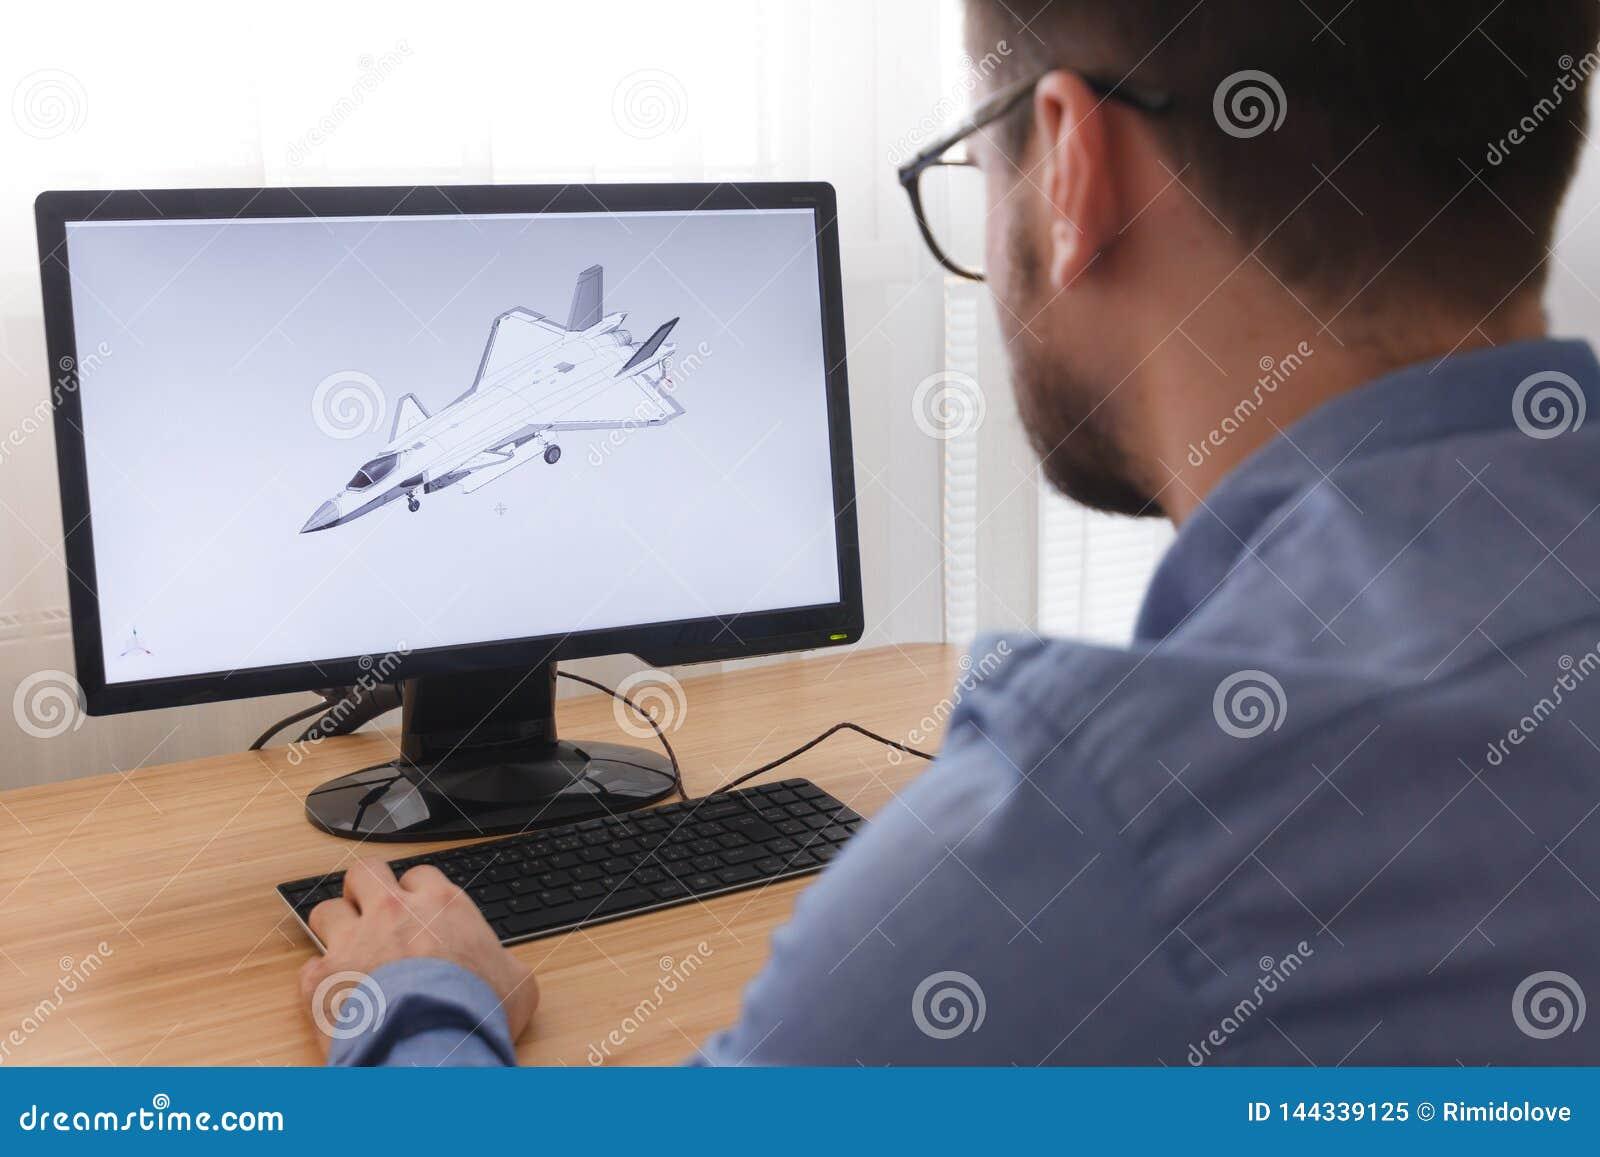 E Han är att skapa som planlägger en ny modell 3D av flygplan,